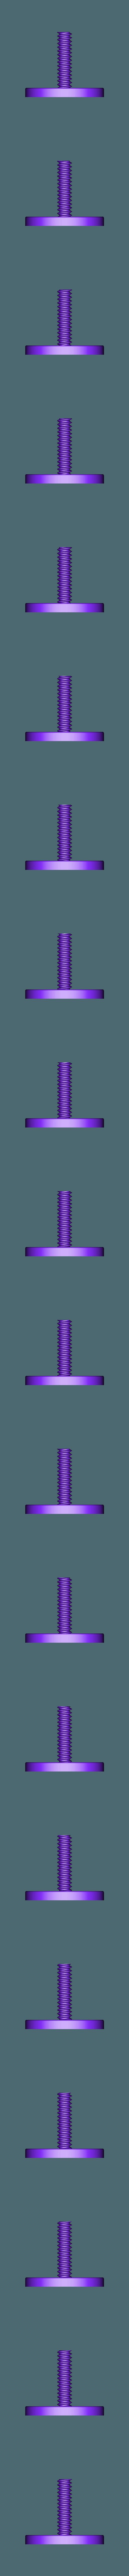 Base_Range_cle_USB.stl Télécharger fichier STL gratuit Range clé USB • Modèle imprimable en 3D, stef32